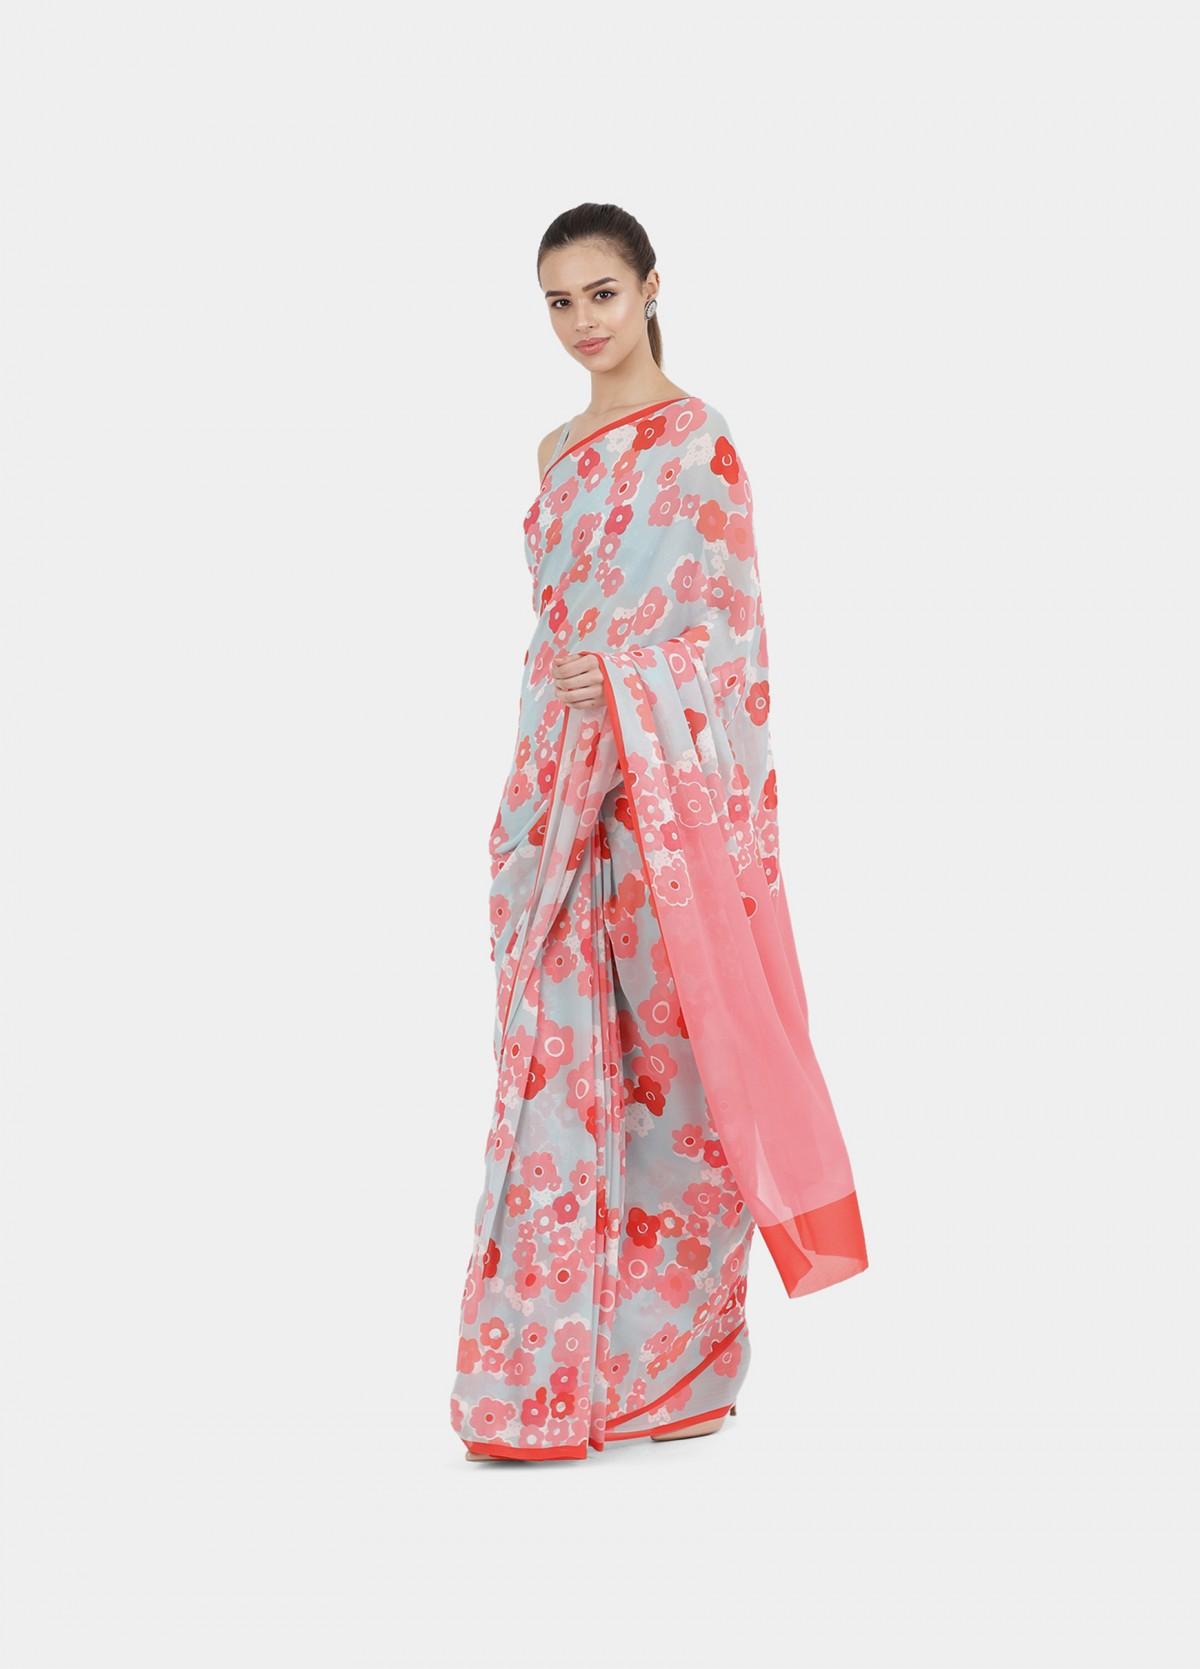 The Sumire Sari